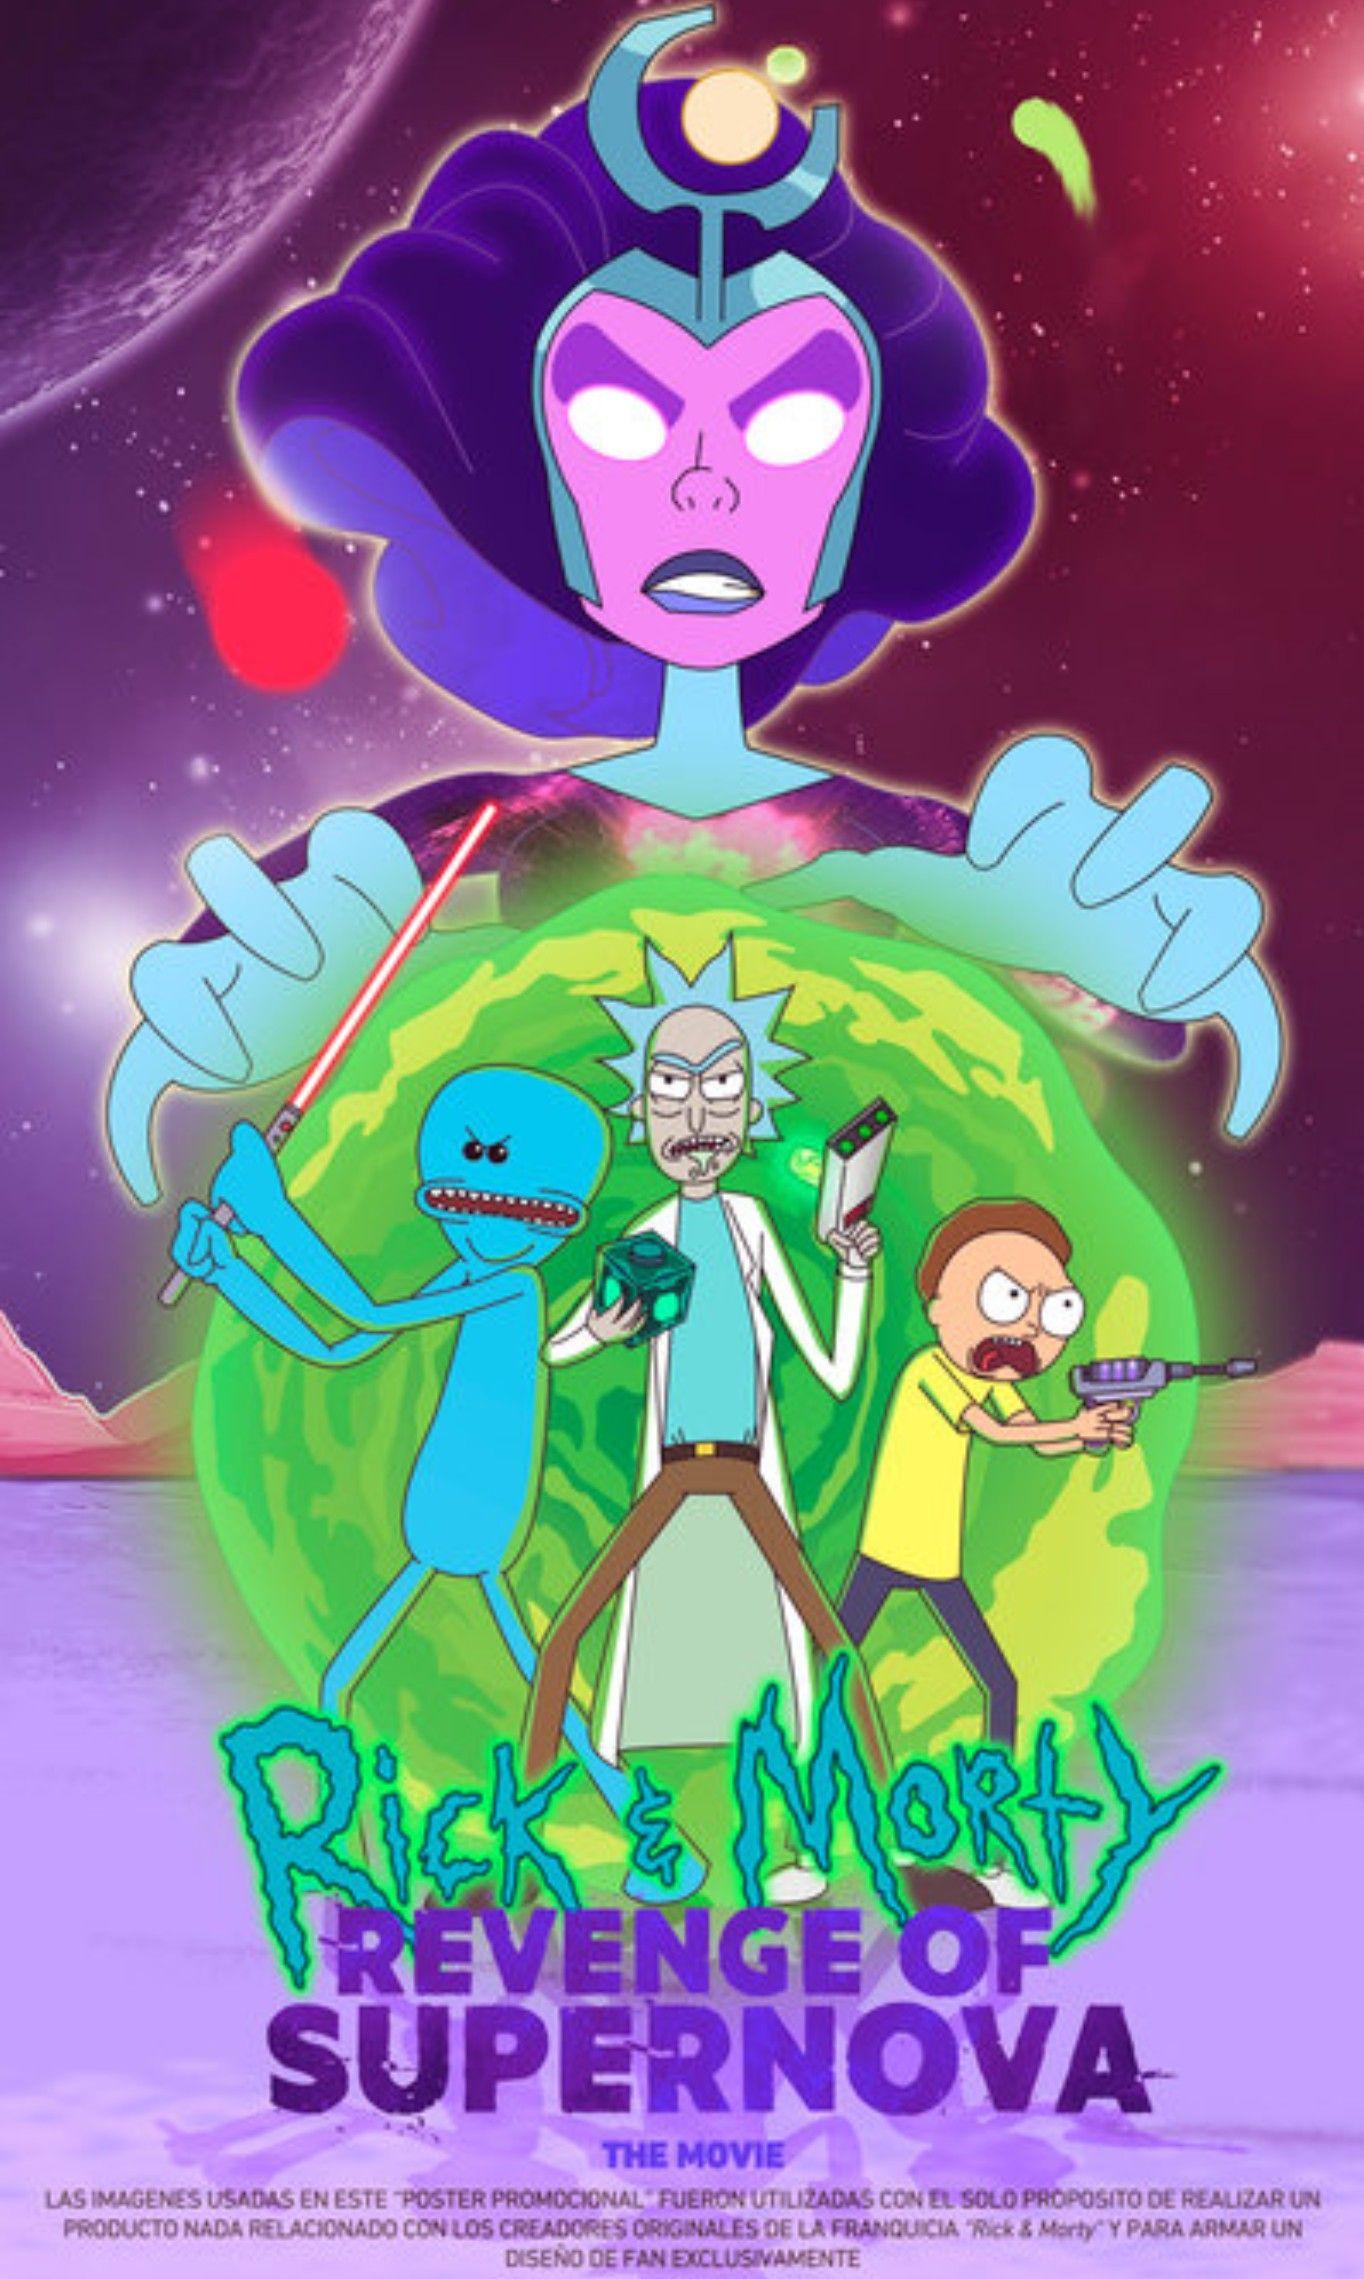 Rick And Morty X Revenge Of Supernova Rick And Morty Image R